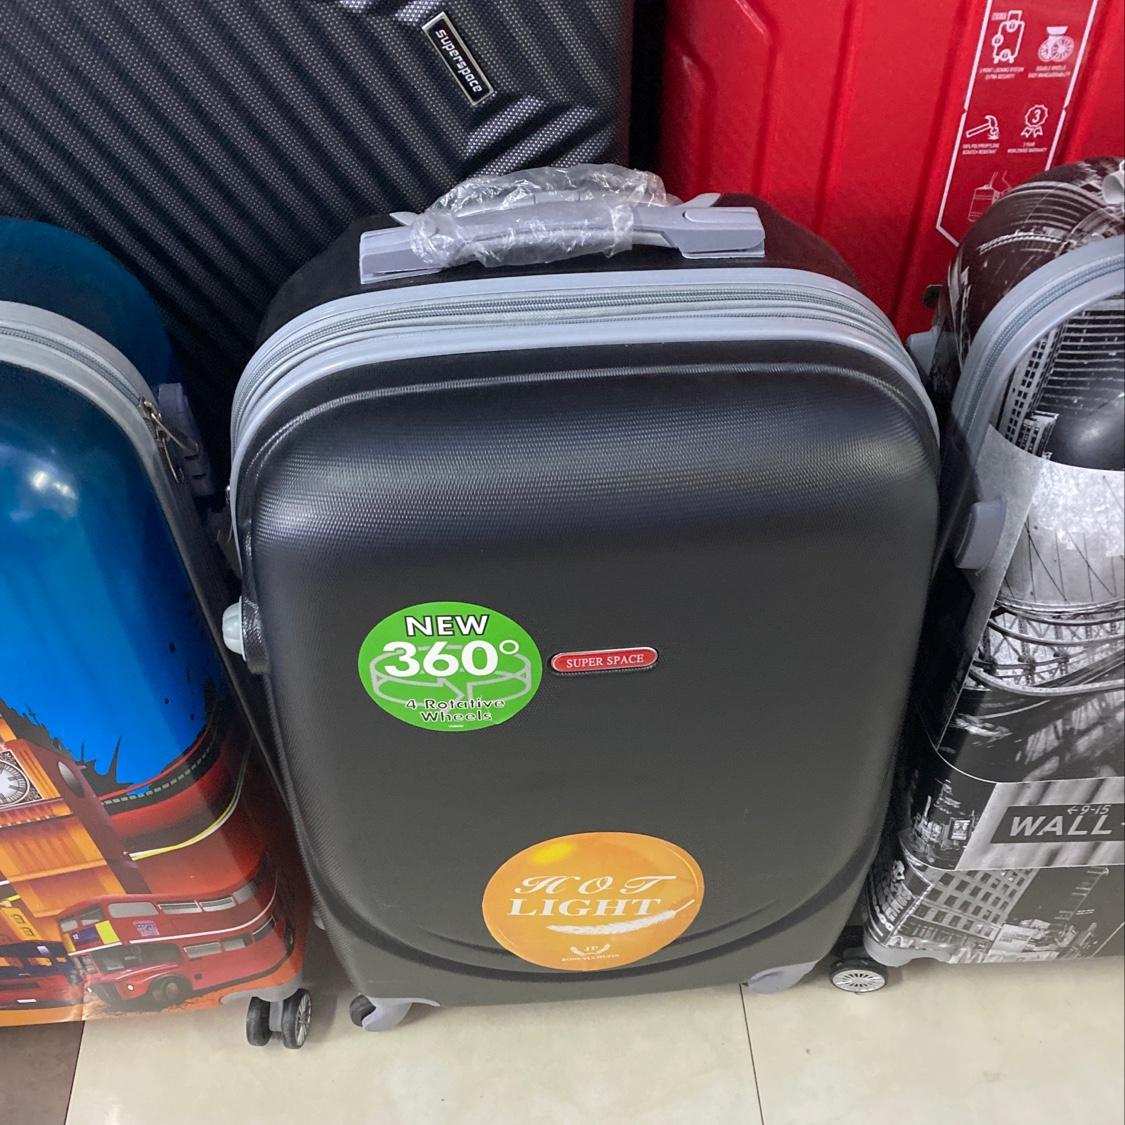 360-1黑色24寸ABS拉杆箱简约贴纸行李箱